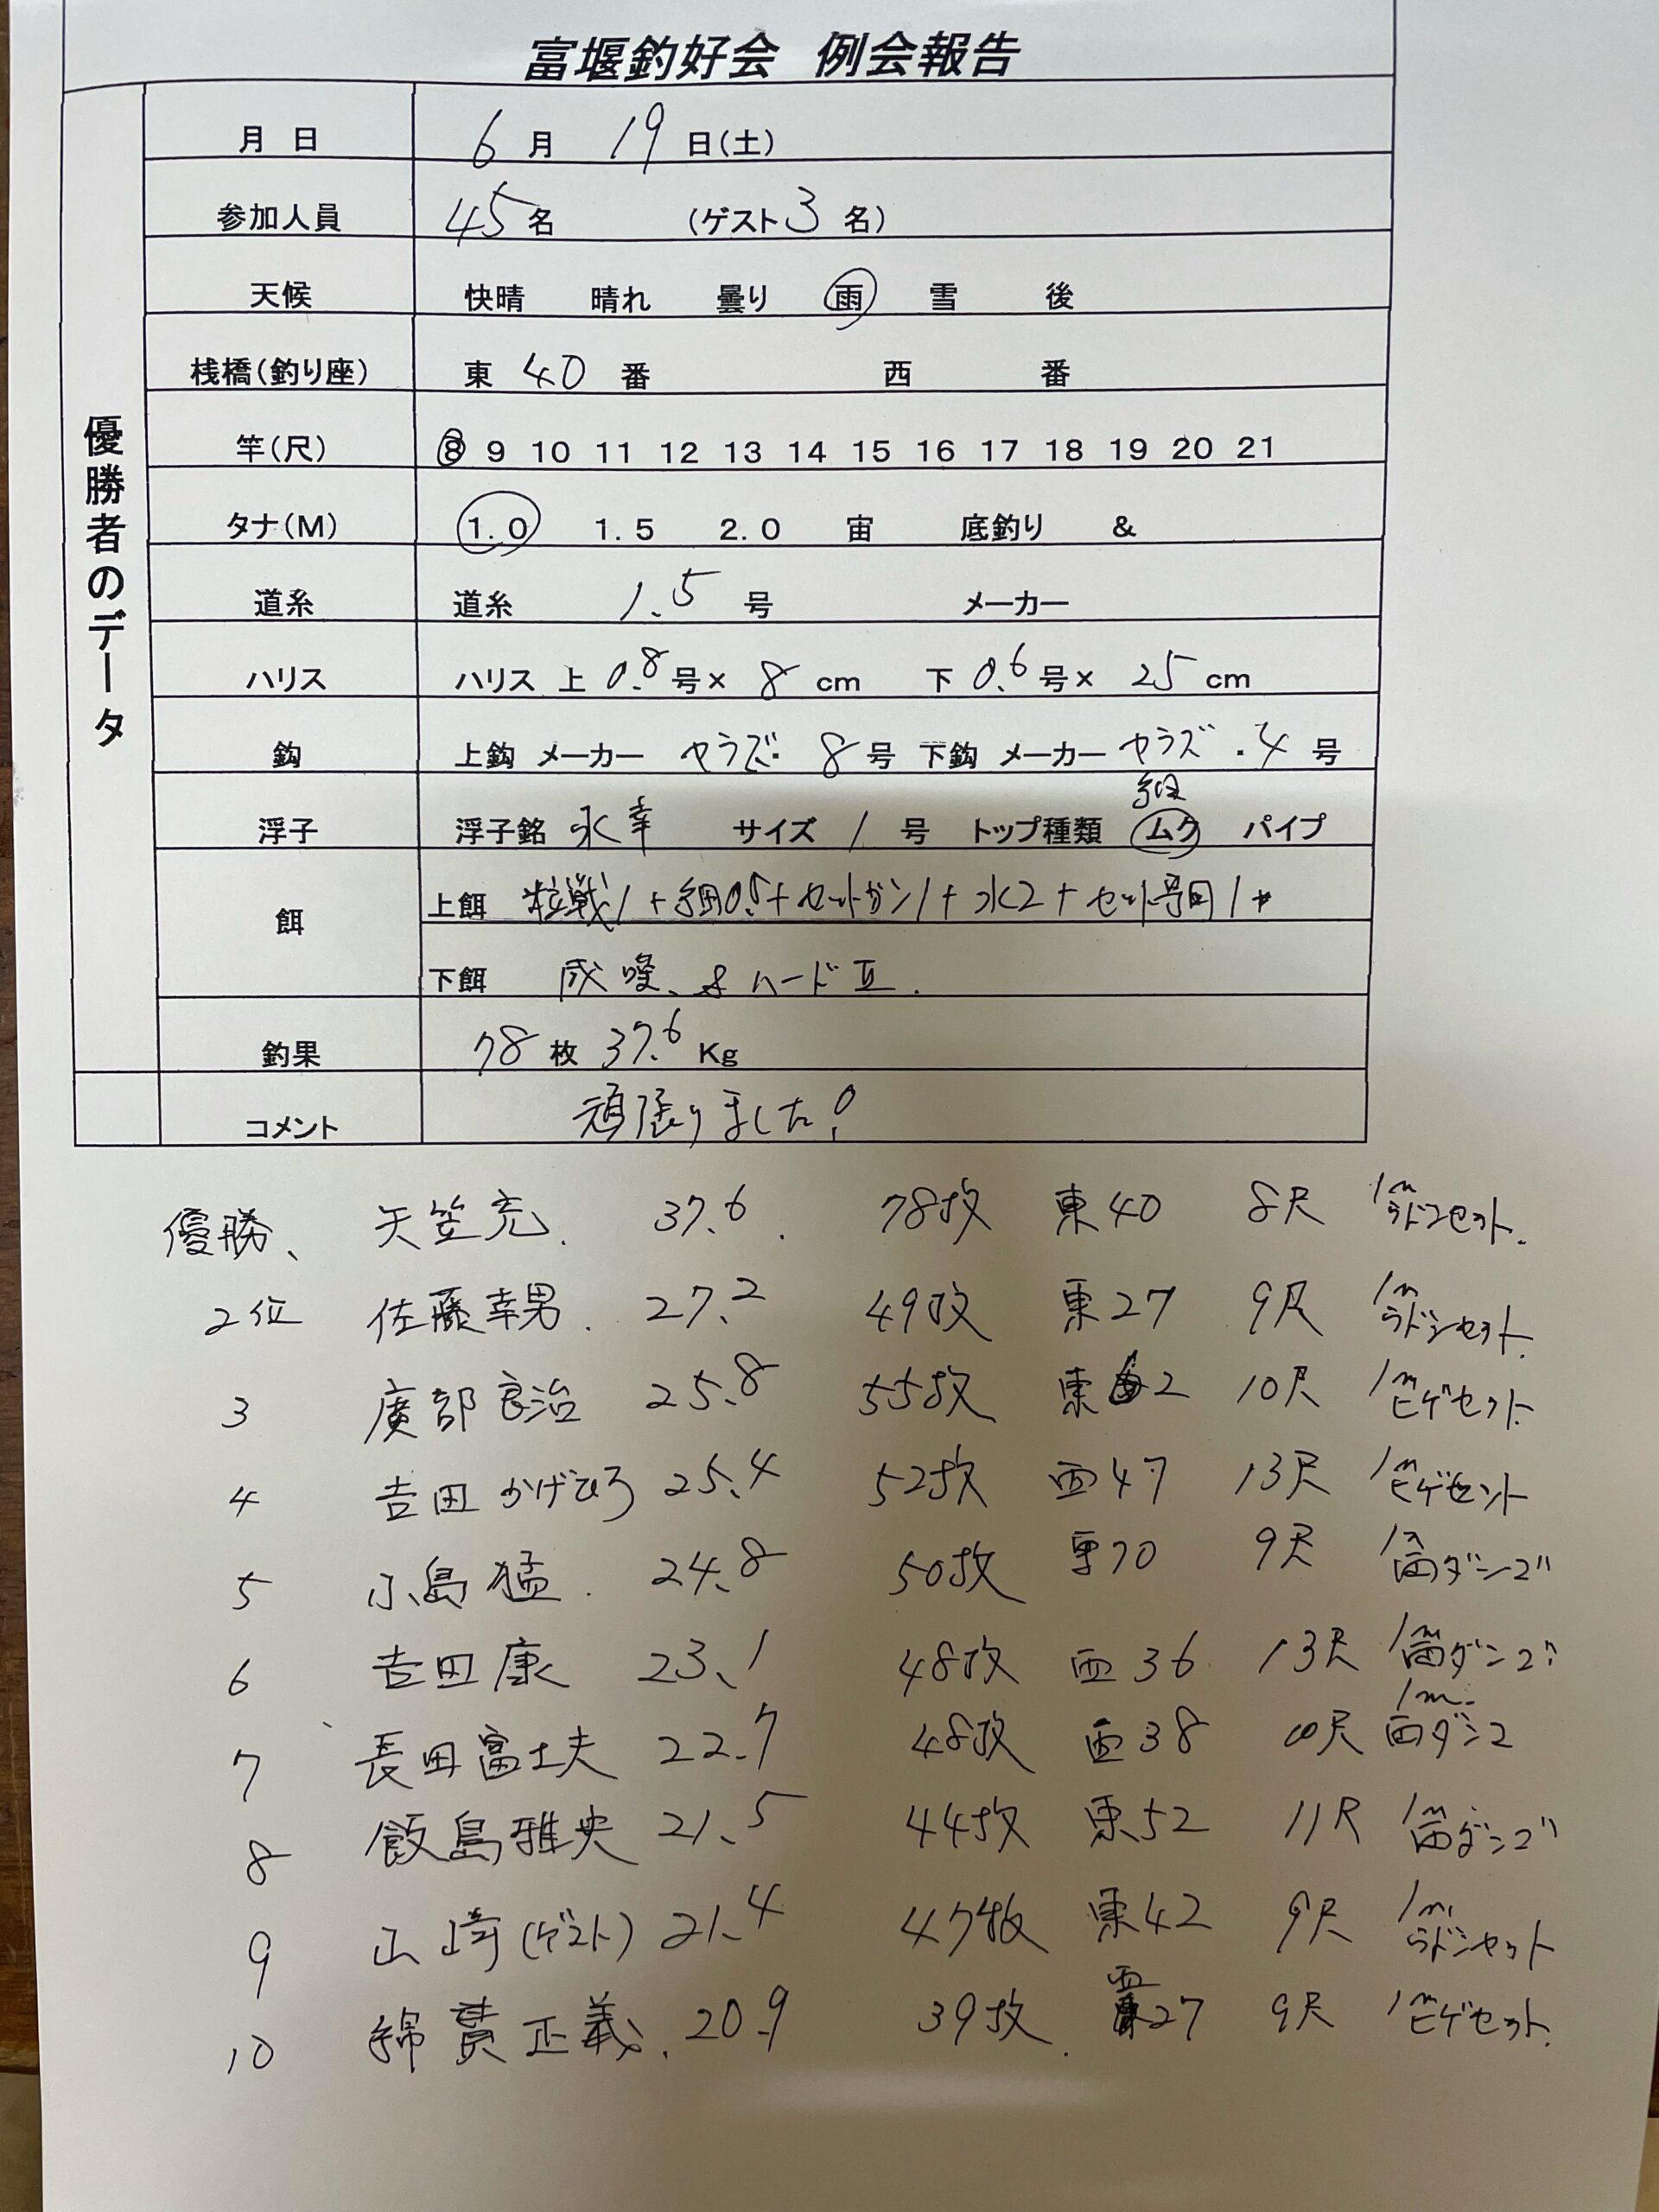 6月19日 富堰釣好会